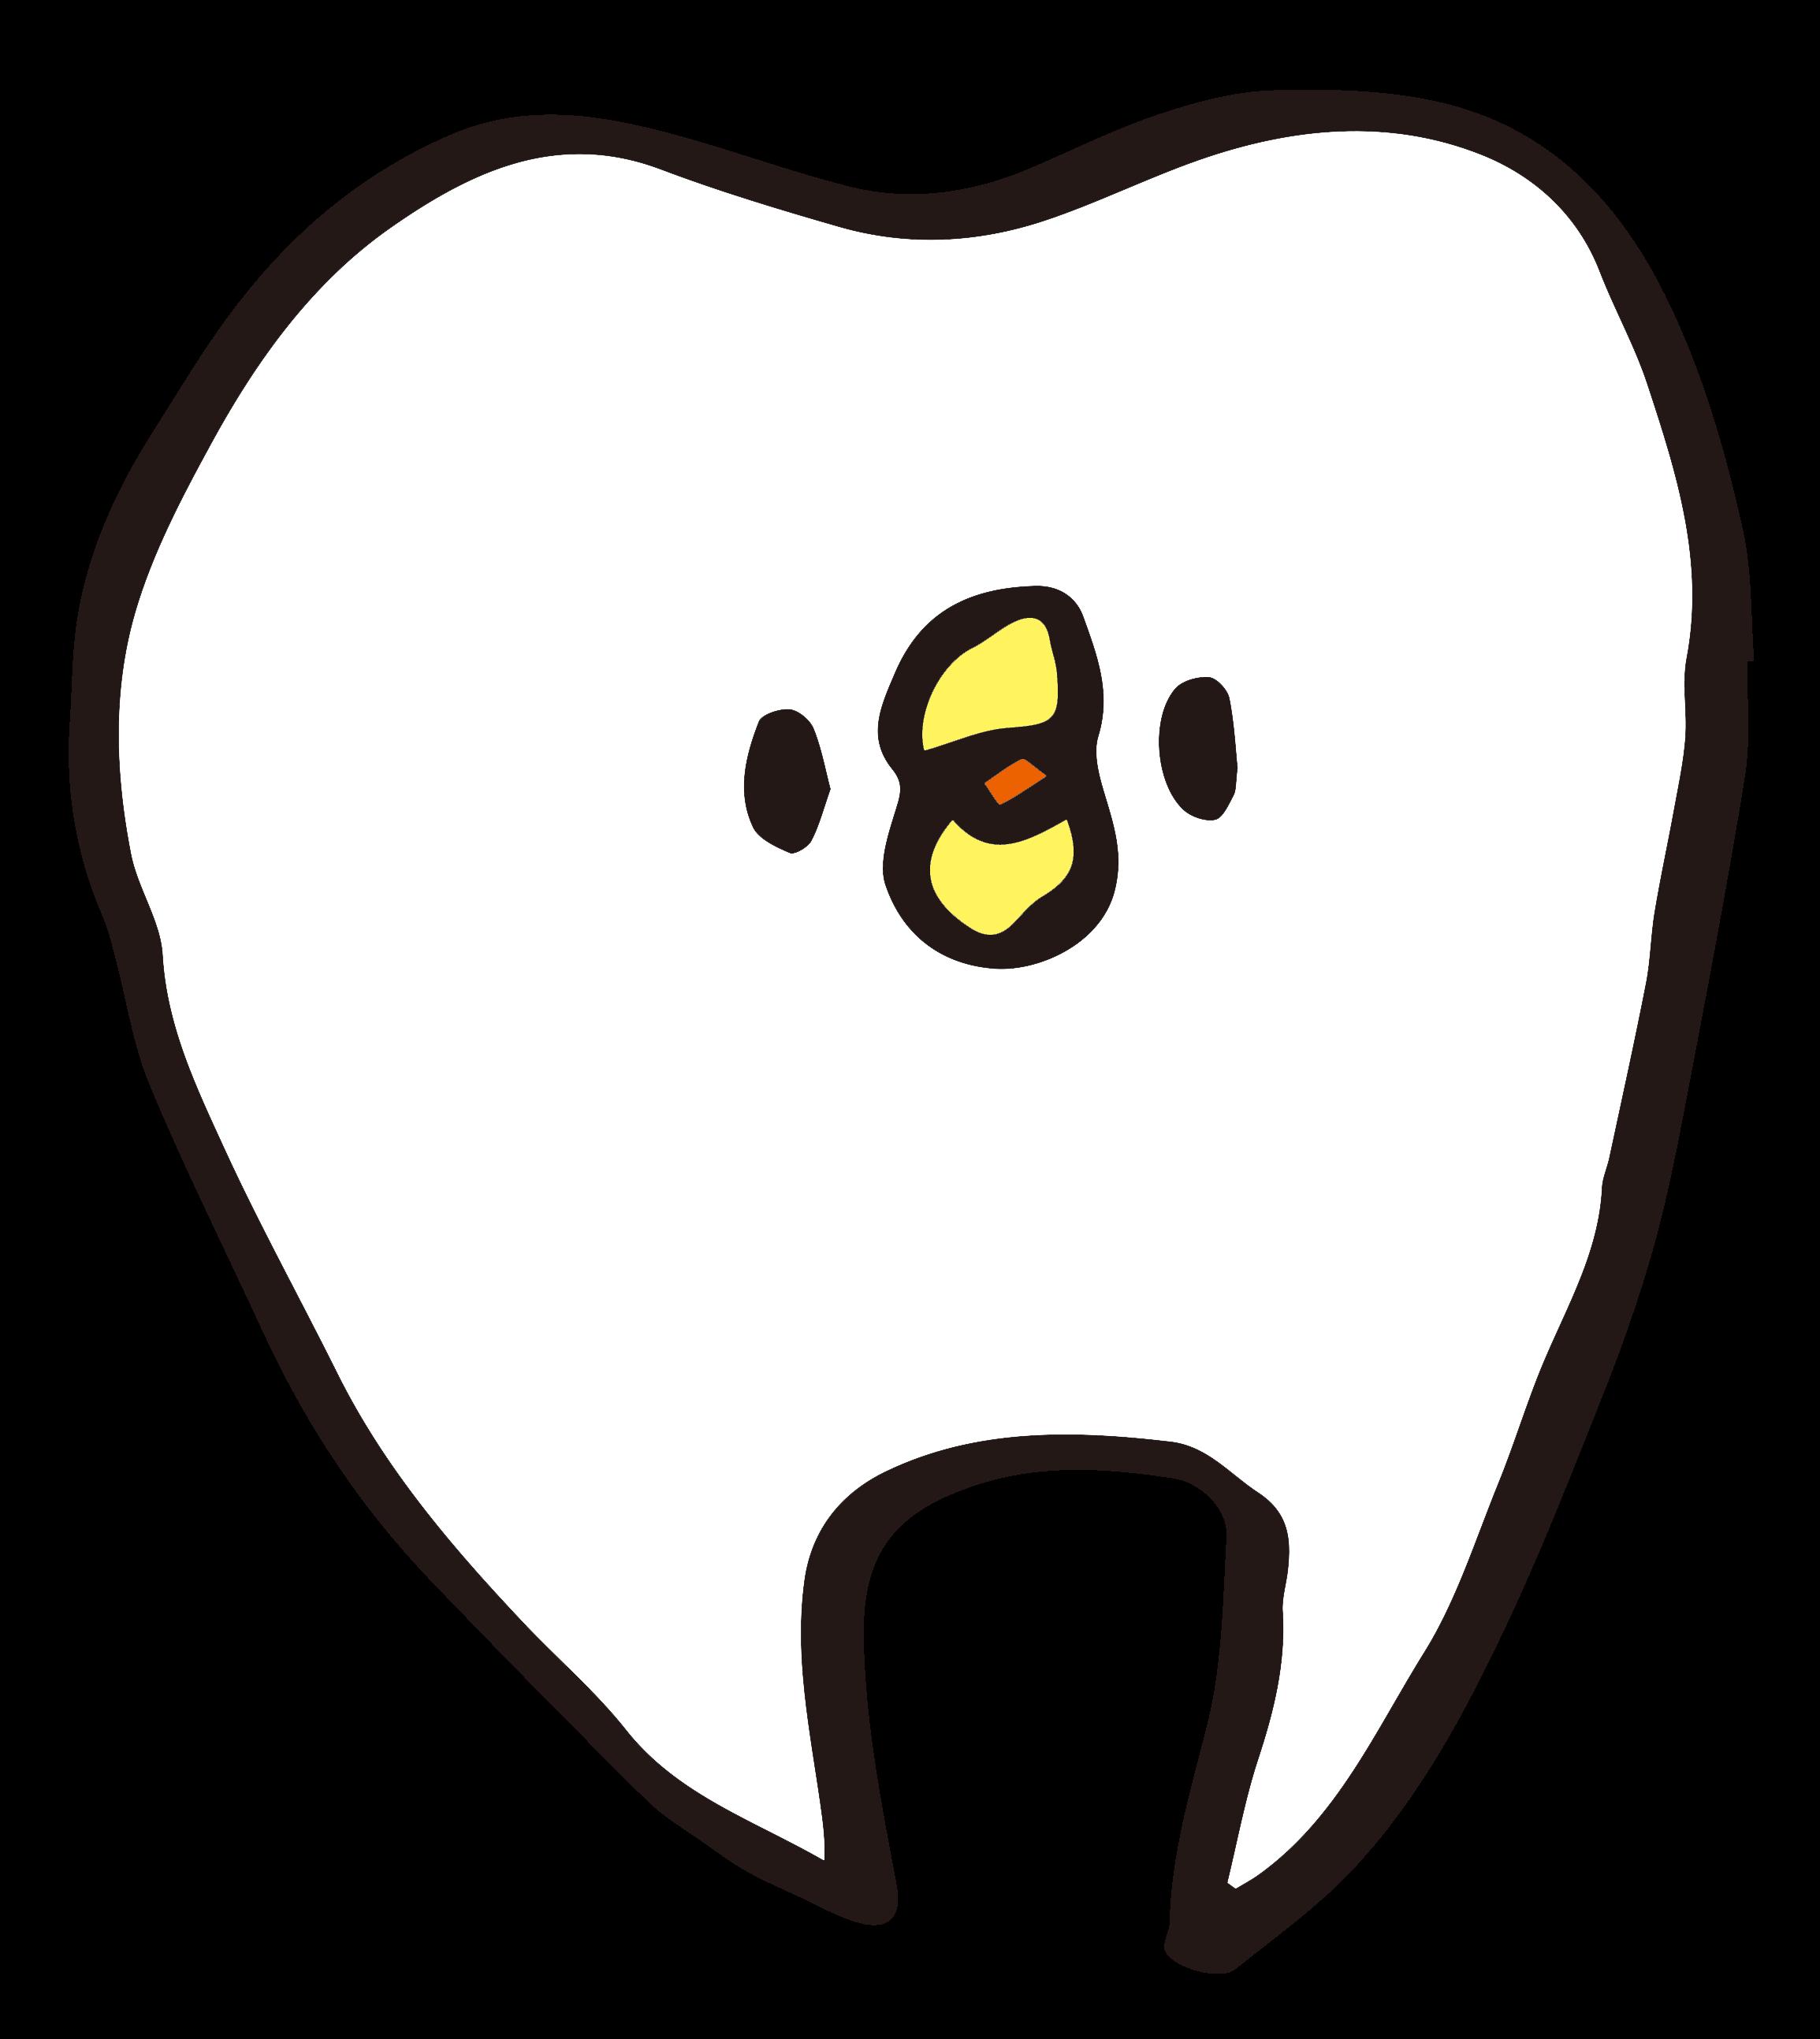 キレイな歯のイラスト ゆるくてかわいい無料イラスト素材屋ぴよたそ